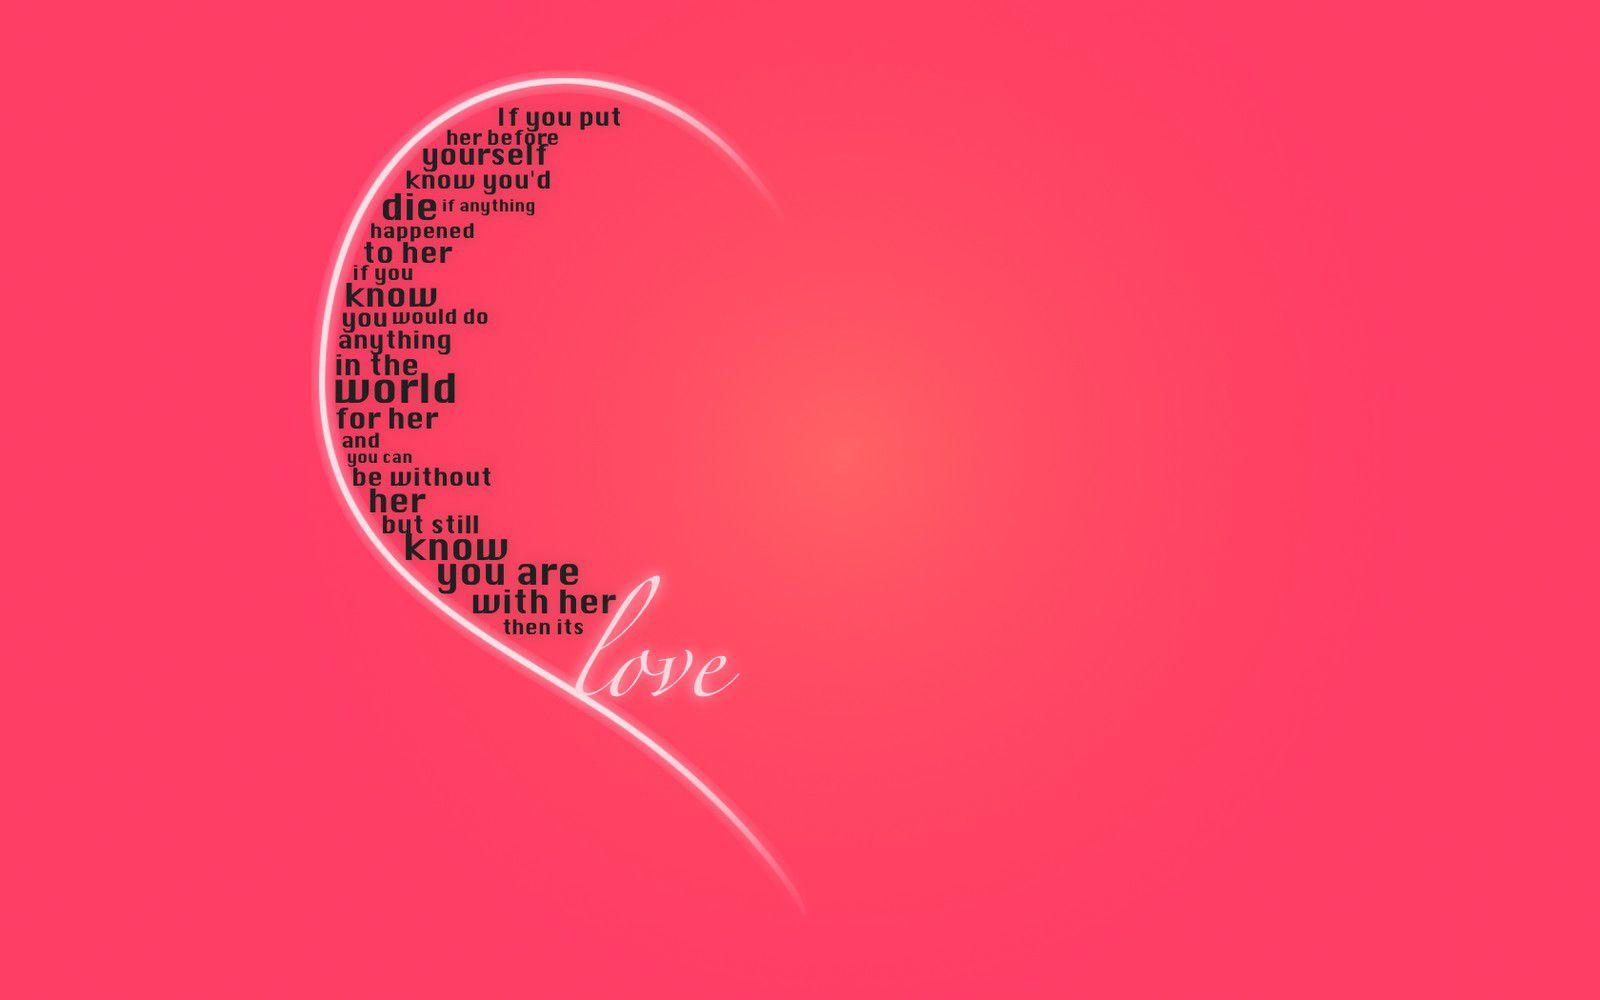 Ideas For Credo Design Love Quotes Wallpaper Love Quotes With Images Love Quotes Tumblr